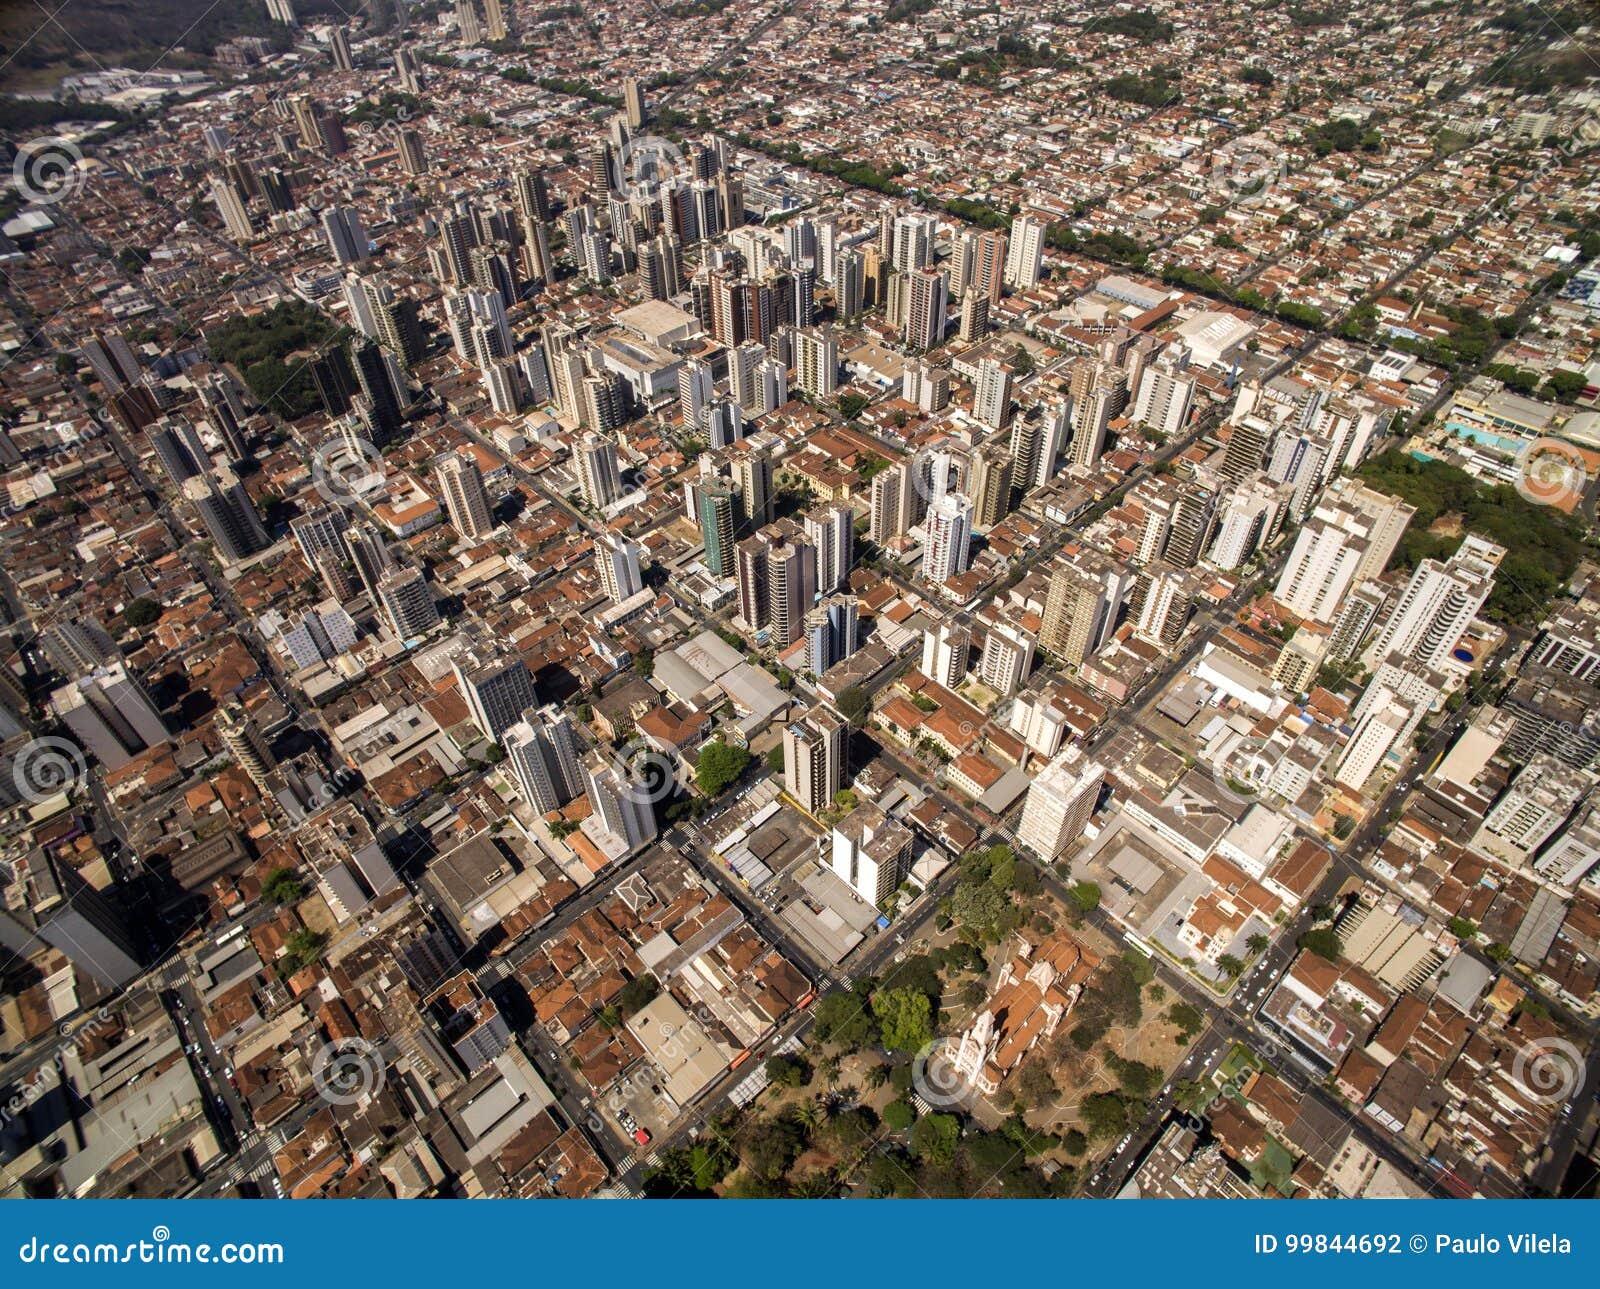 Ribeirão Preto São Paulo fonte: thumbs.dreamstime.com